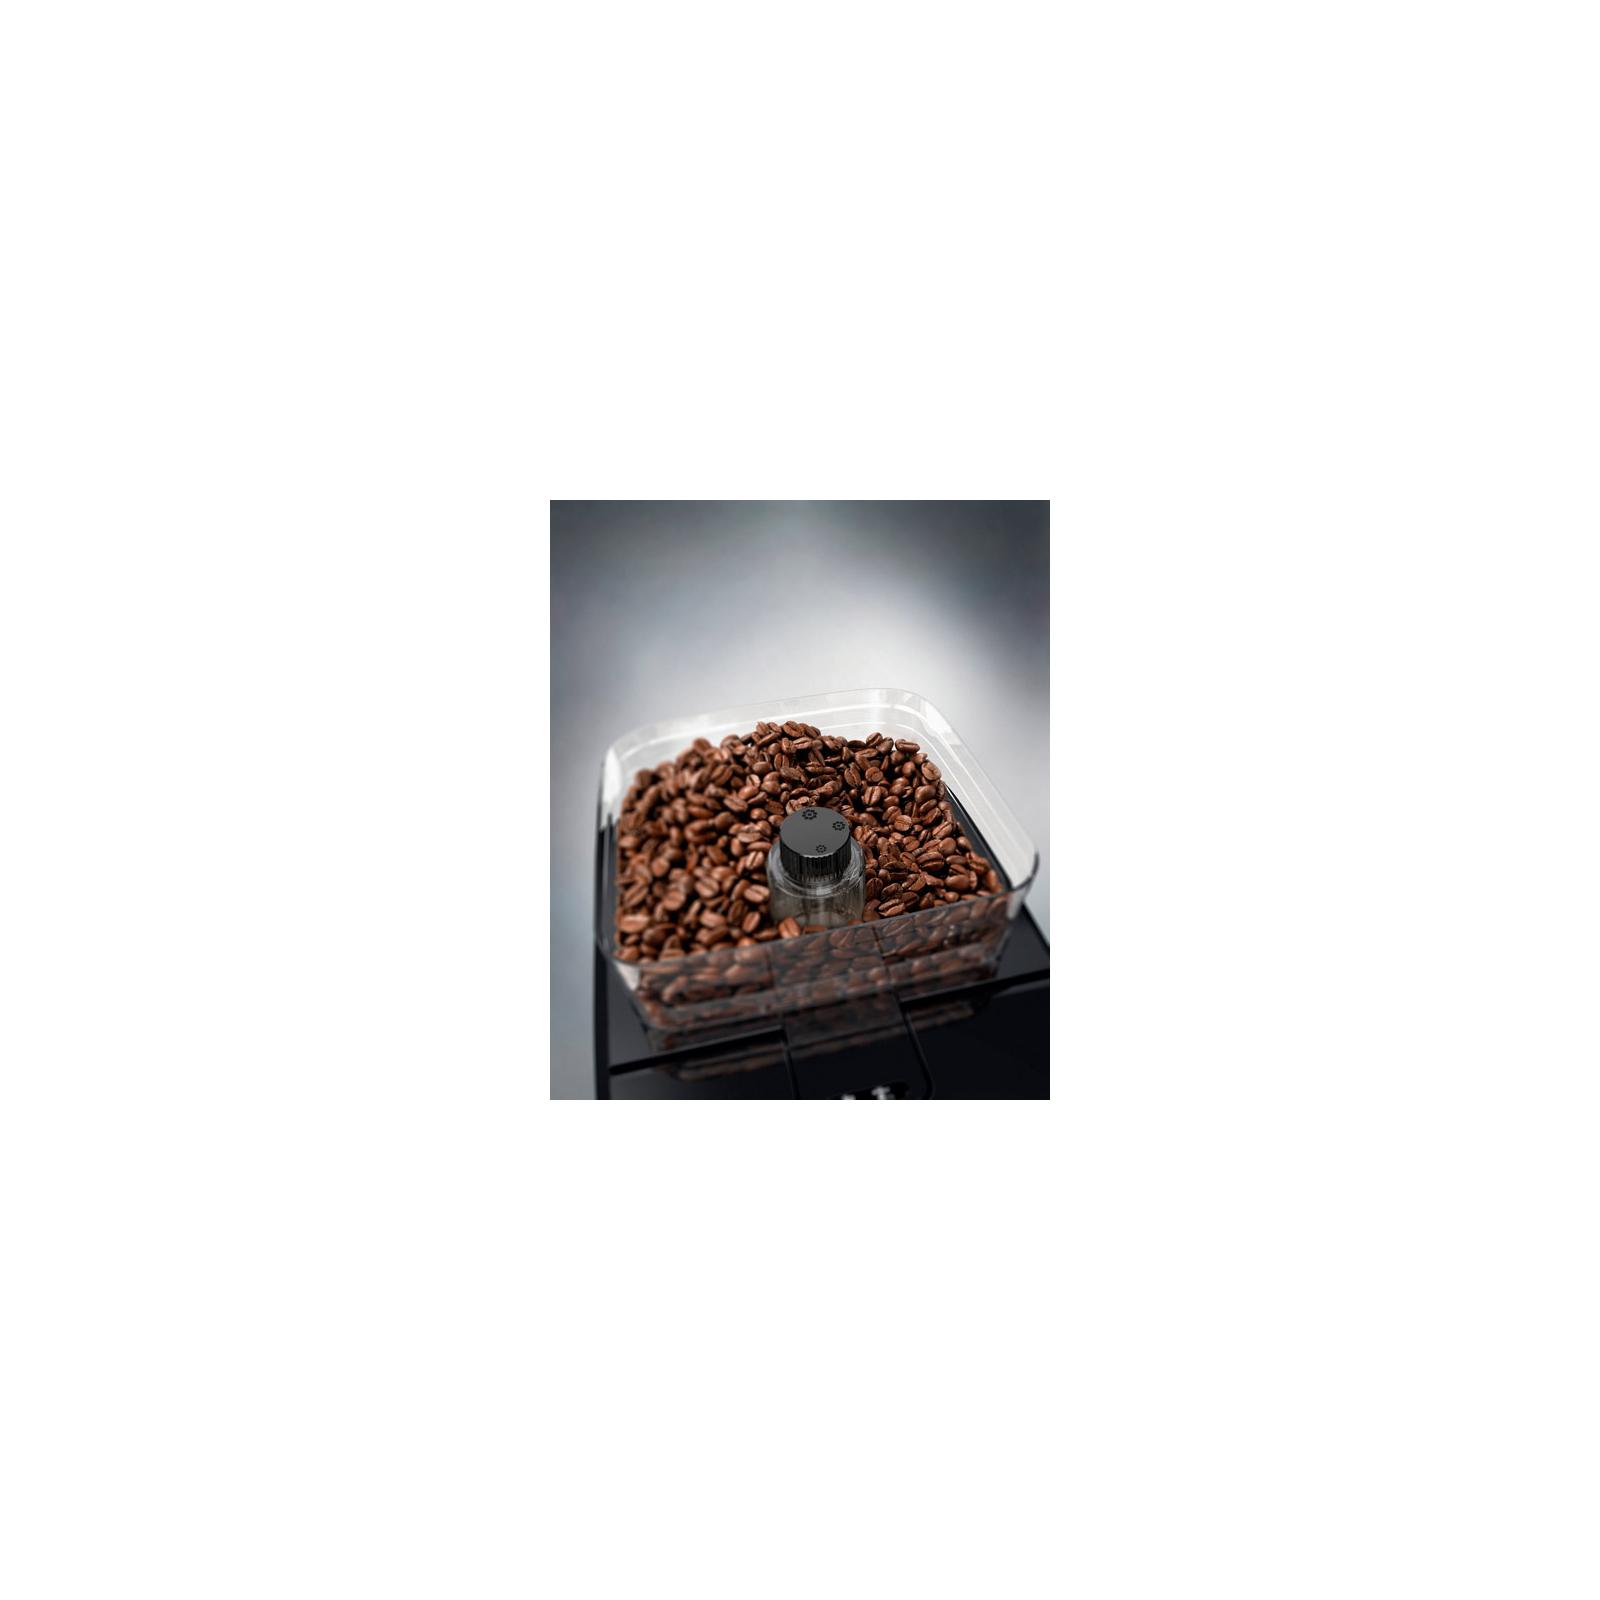 Кофеварка PHILIPS HD7761/00 изображение 5